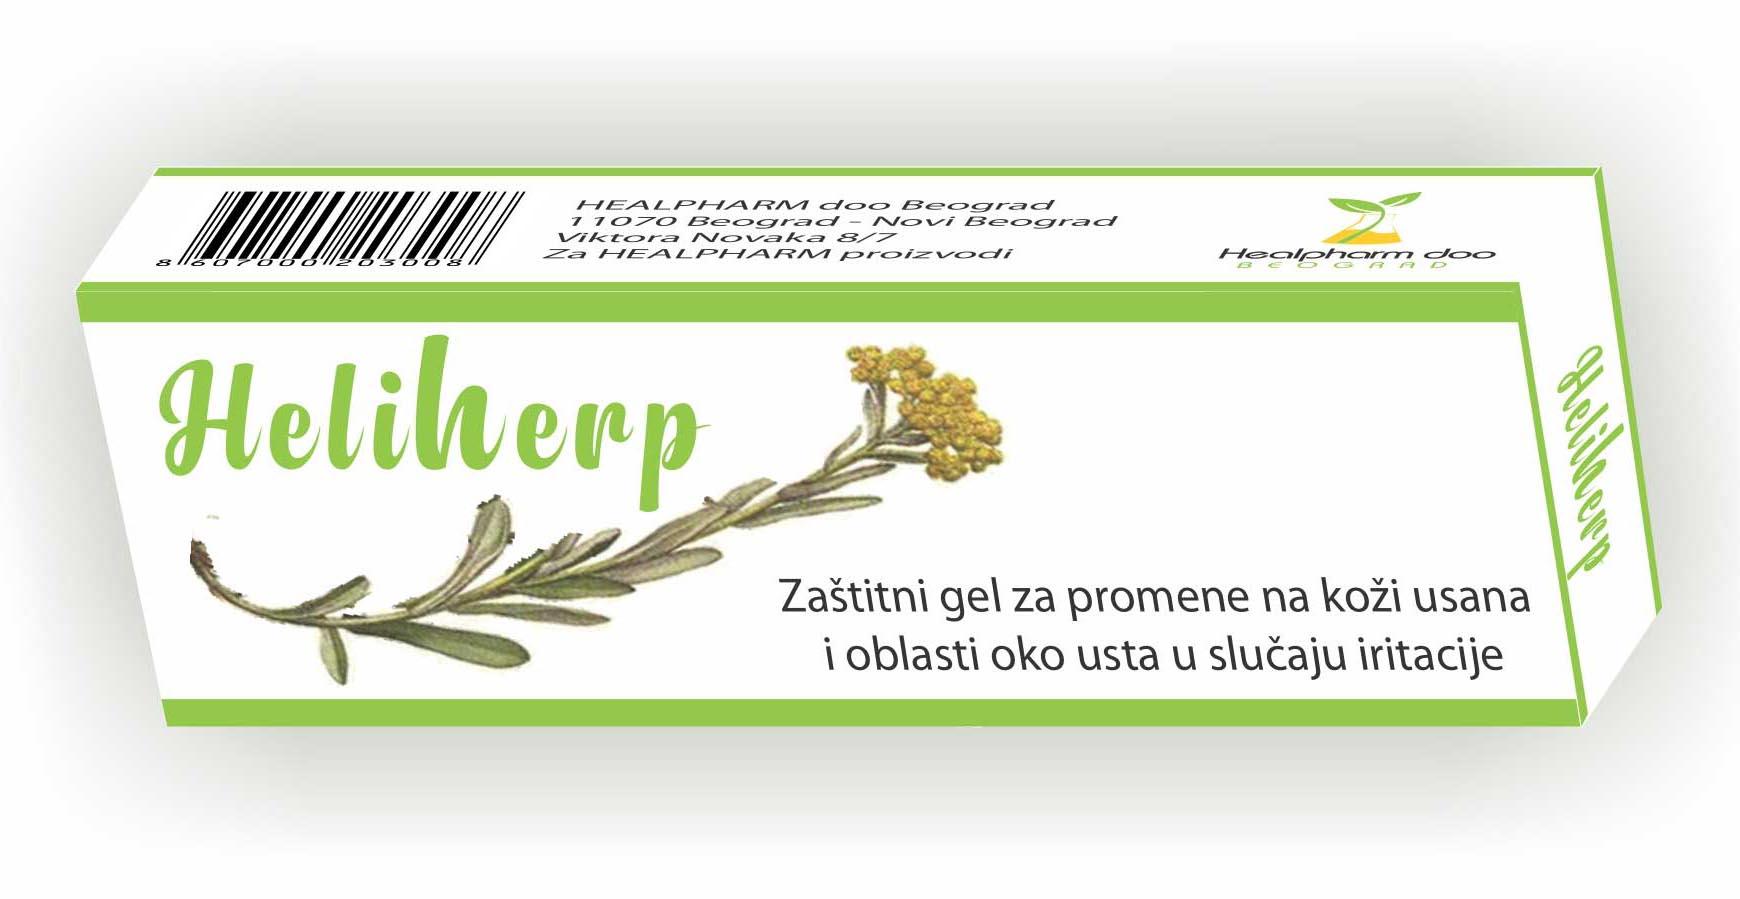 Heliherp